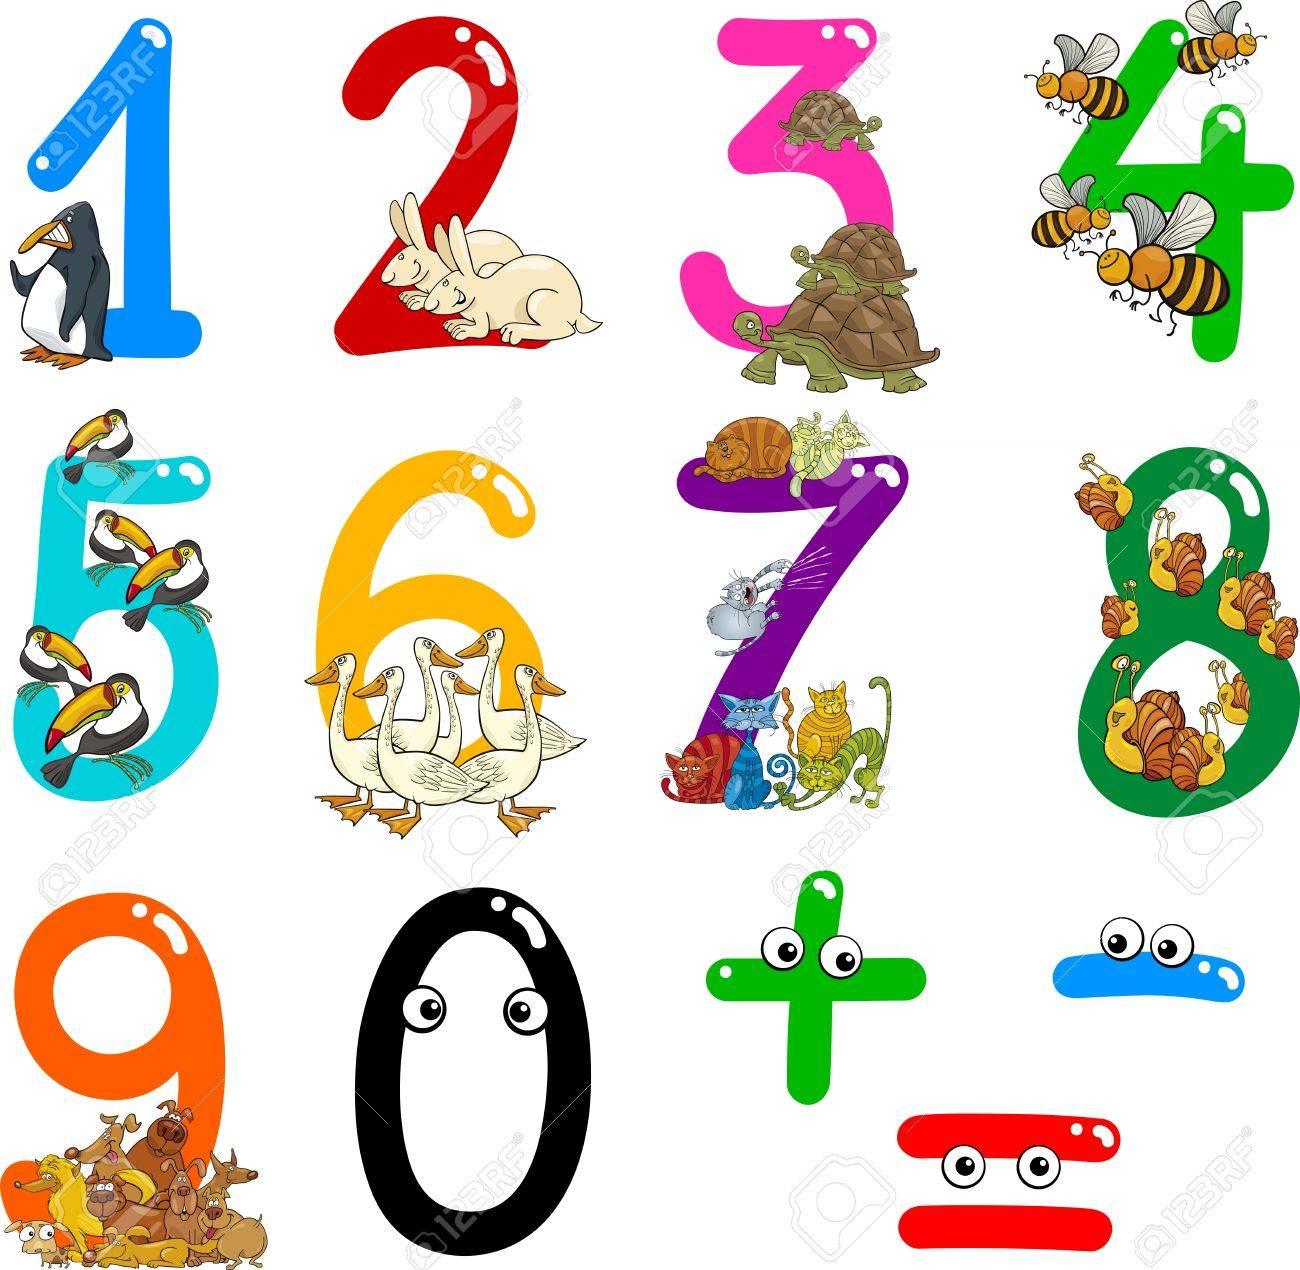 数字 0 ~ 9 の動物からの漫画イラスト ロイヤリティフリークリップ